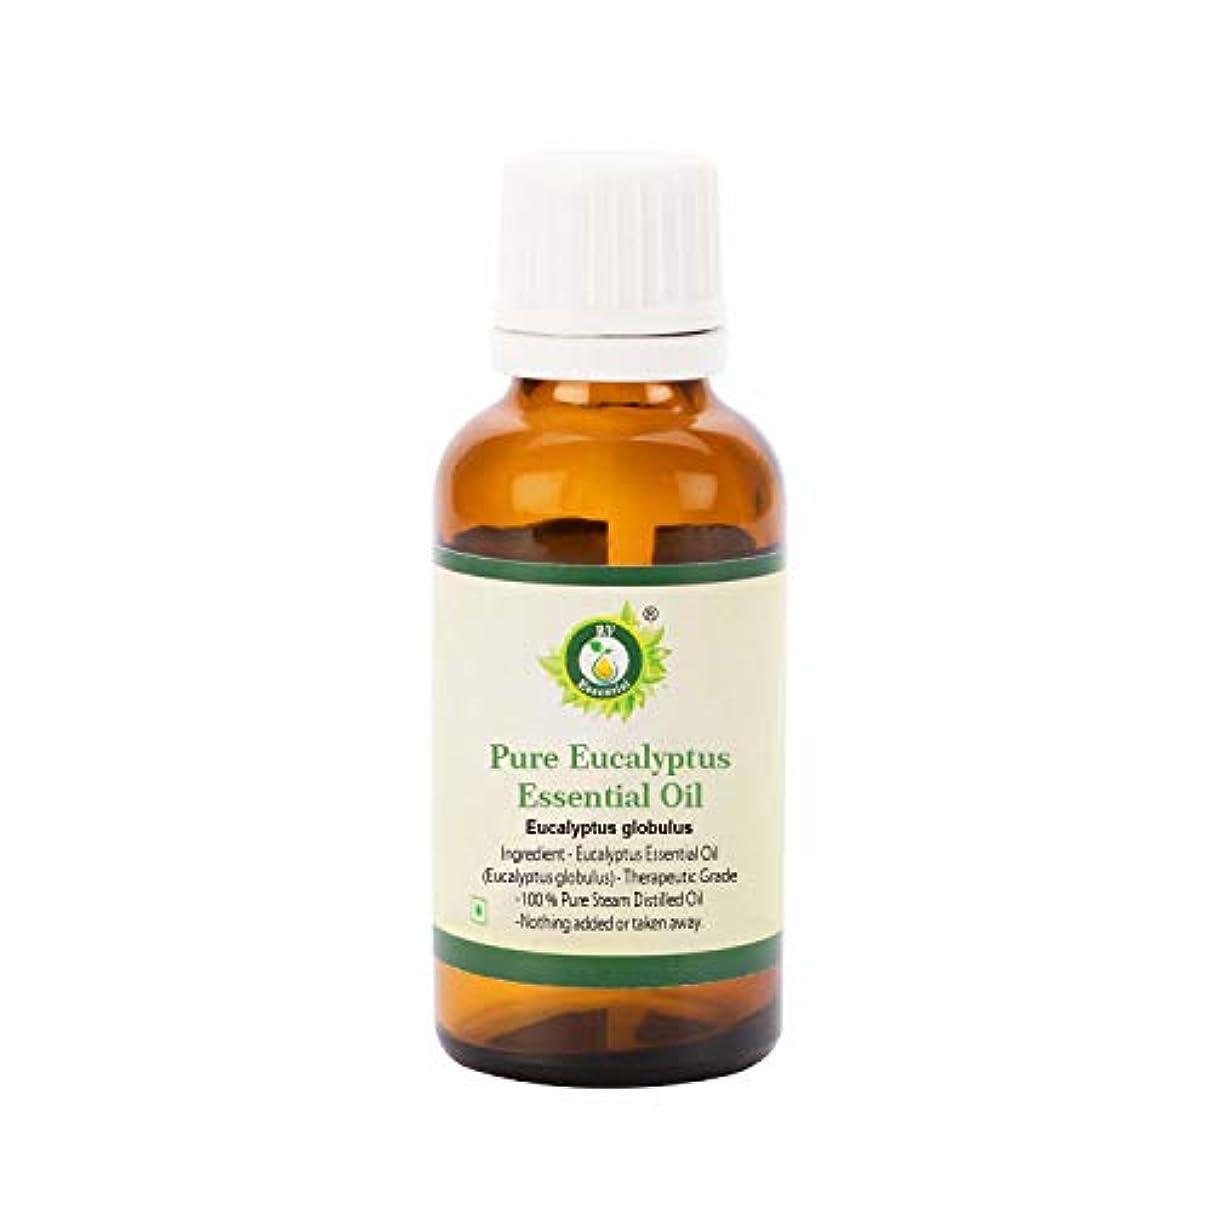 刃絶対の欠伸R V Essential ピュアユーカリエッセンシャルオイル5ml (0.169oz)- Eucalyptus globulus (100%純粋&天然スチームDistilled) Pure Eucalyptus Essential...